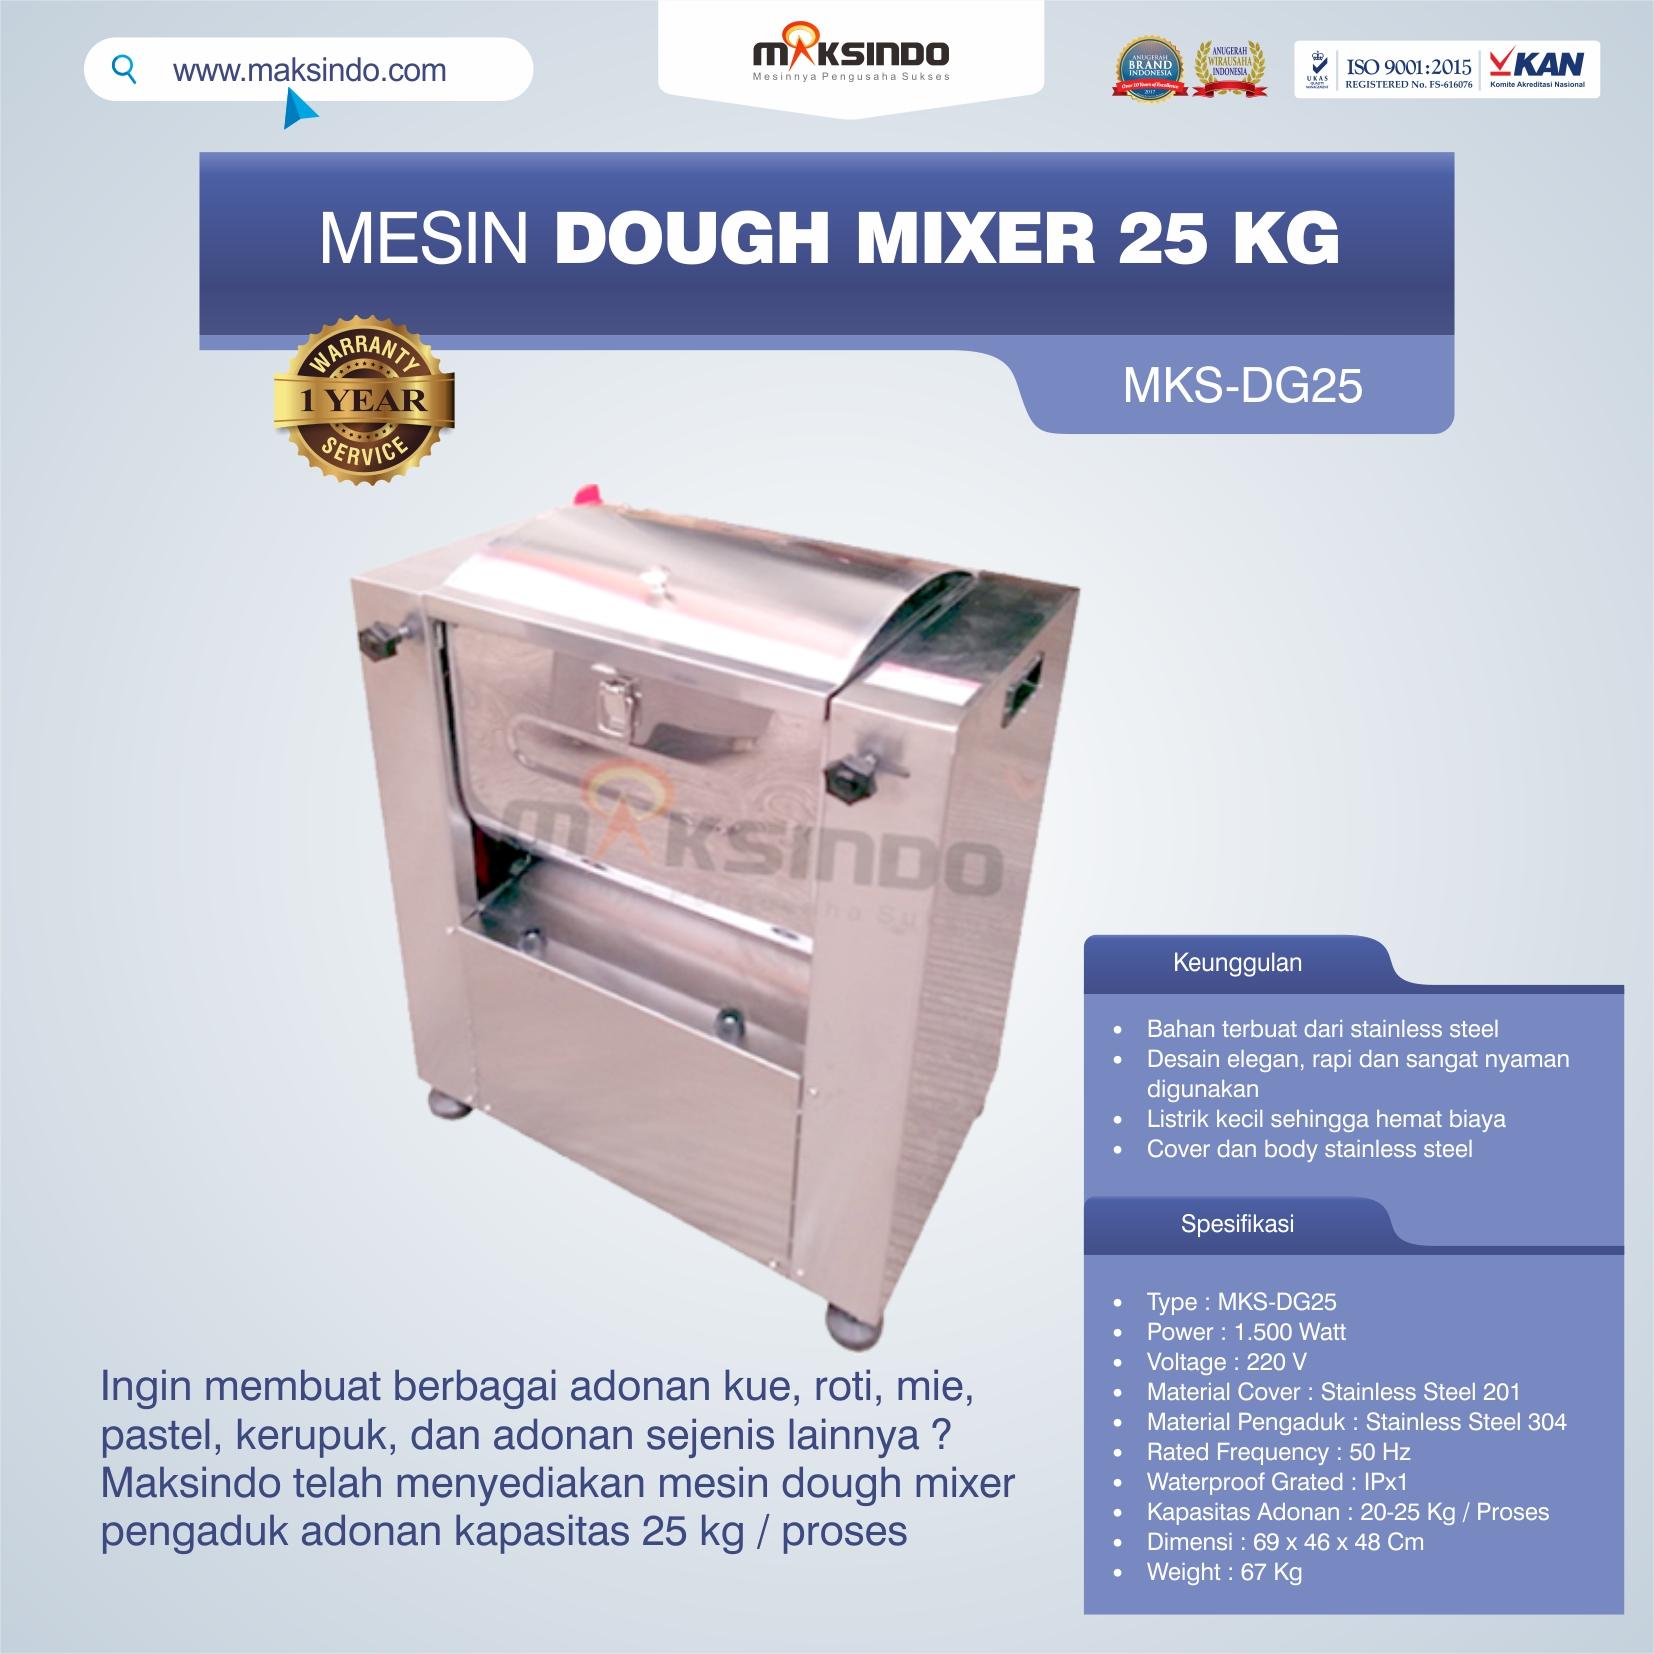 Jual Mesin Dough Mixer 25 kg (MKS-DG25) di Pekanbaru